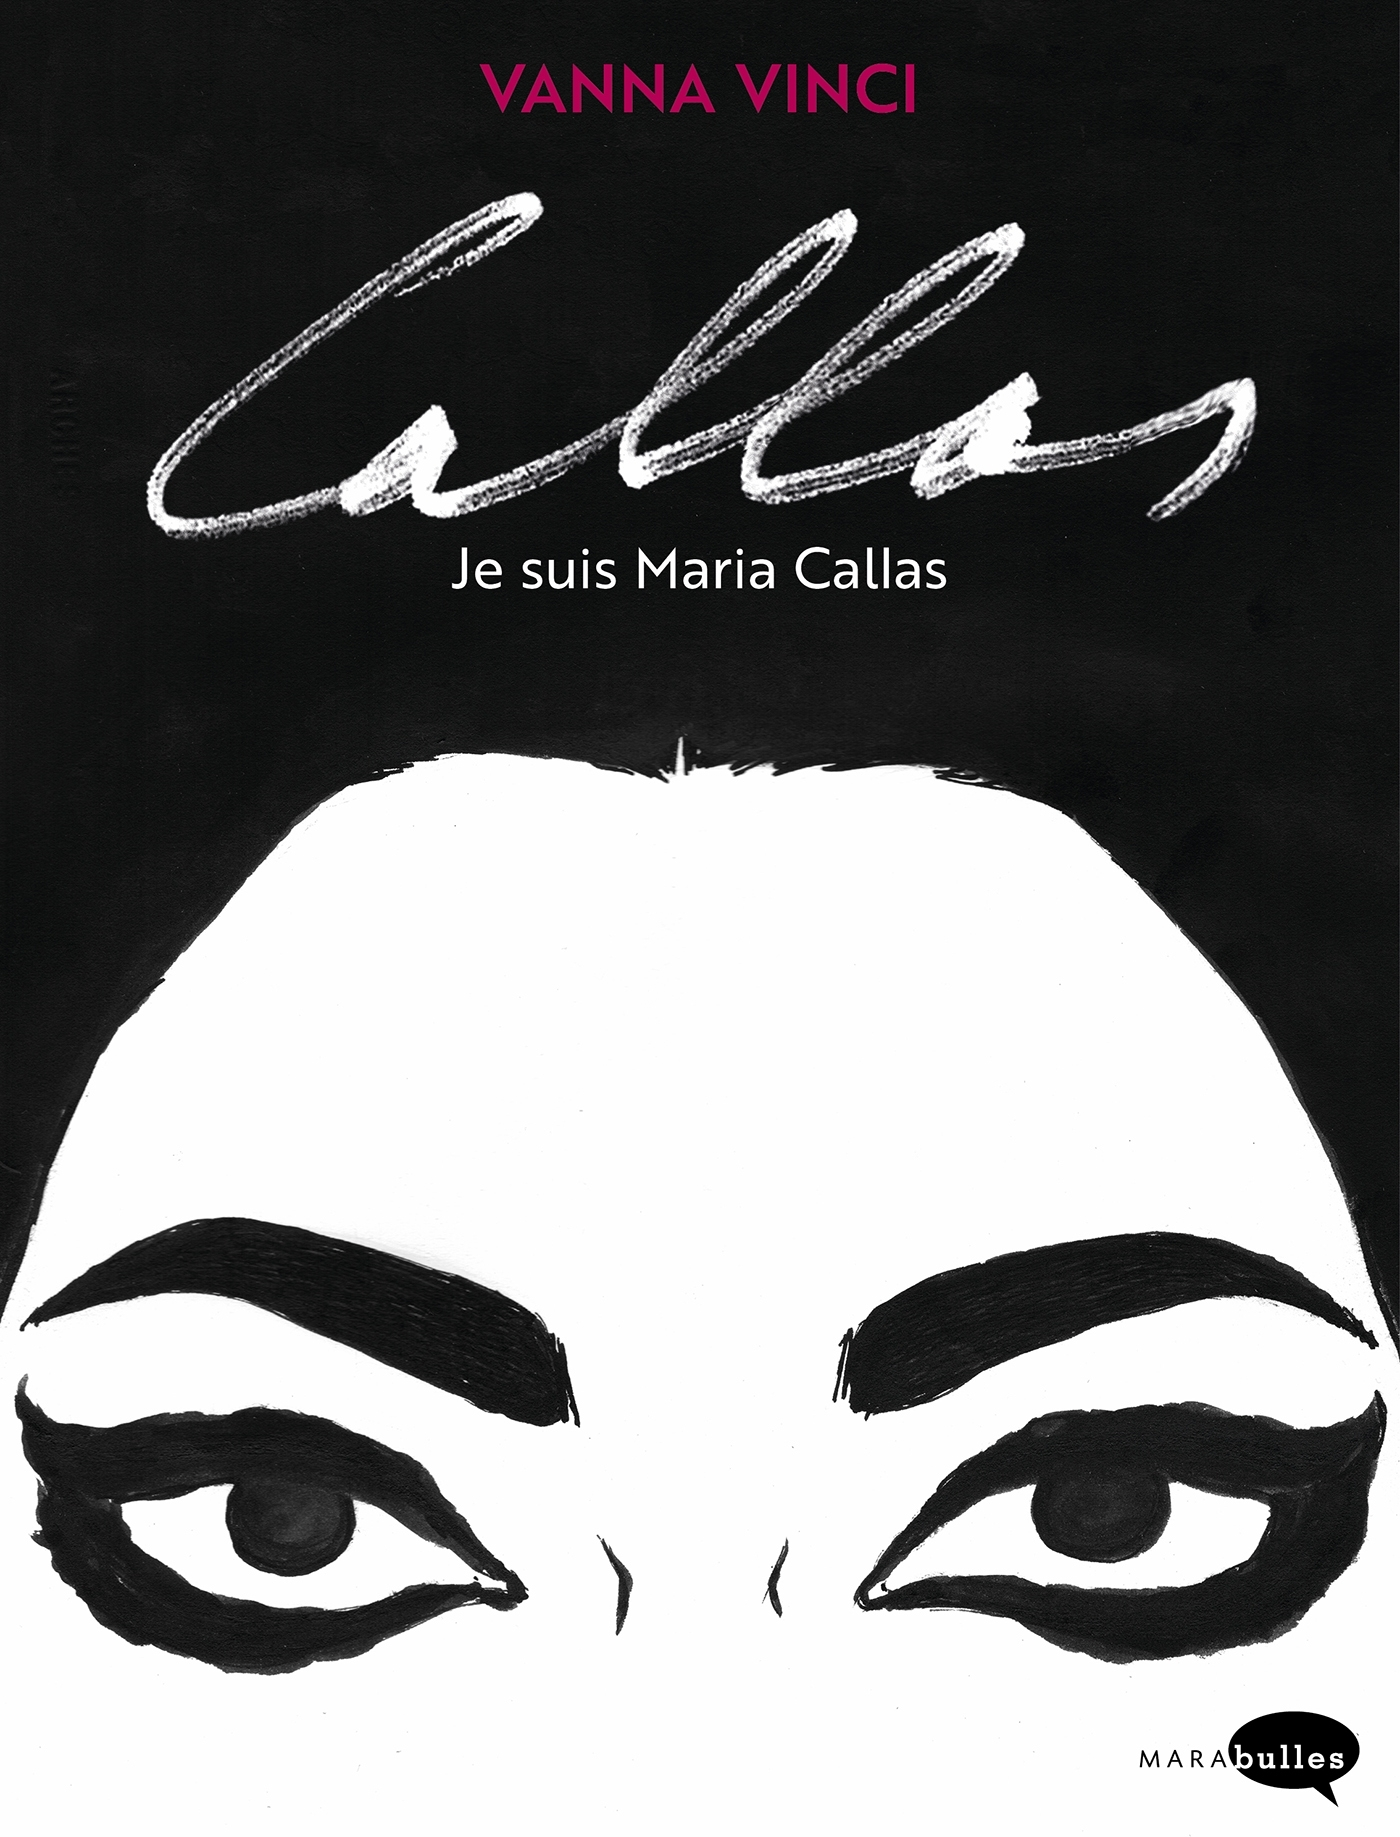 CALLAS, JE SUIS MARIAS CALLAS